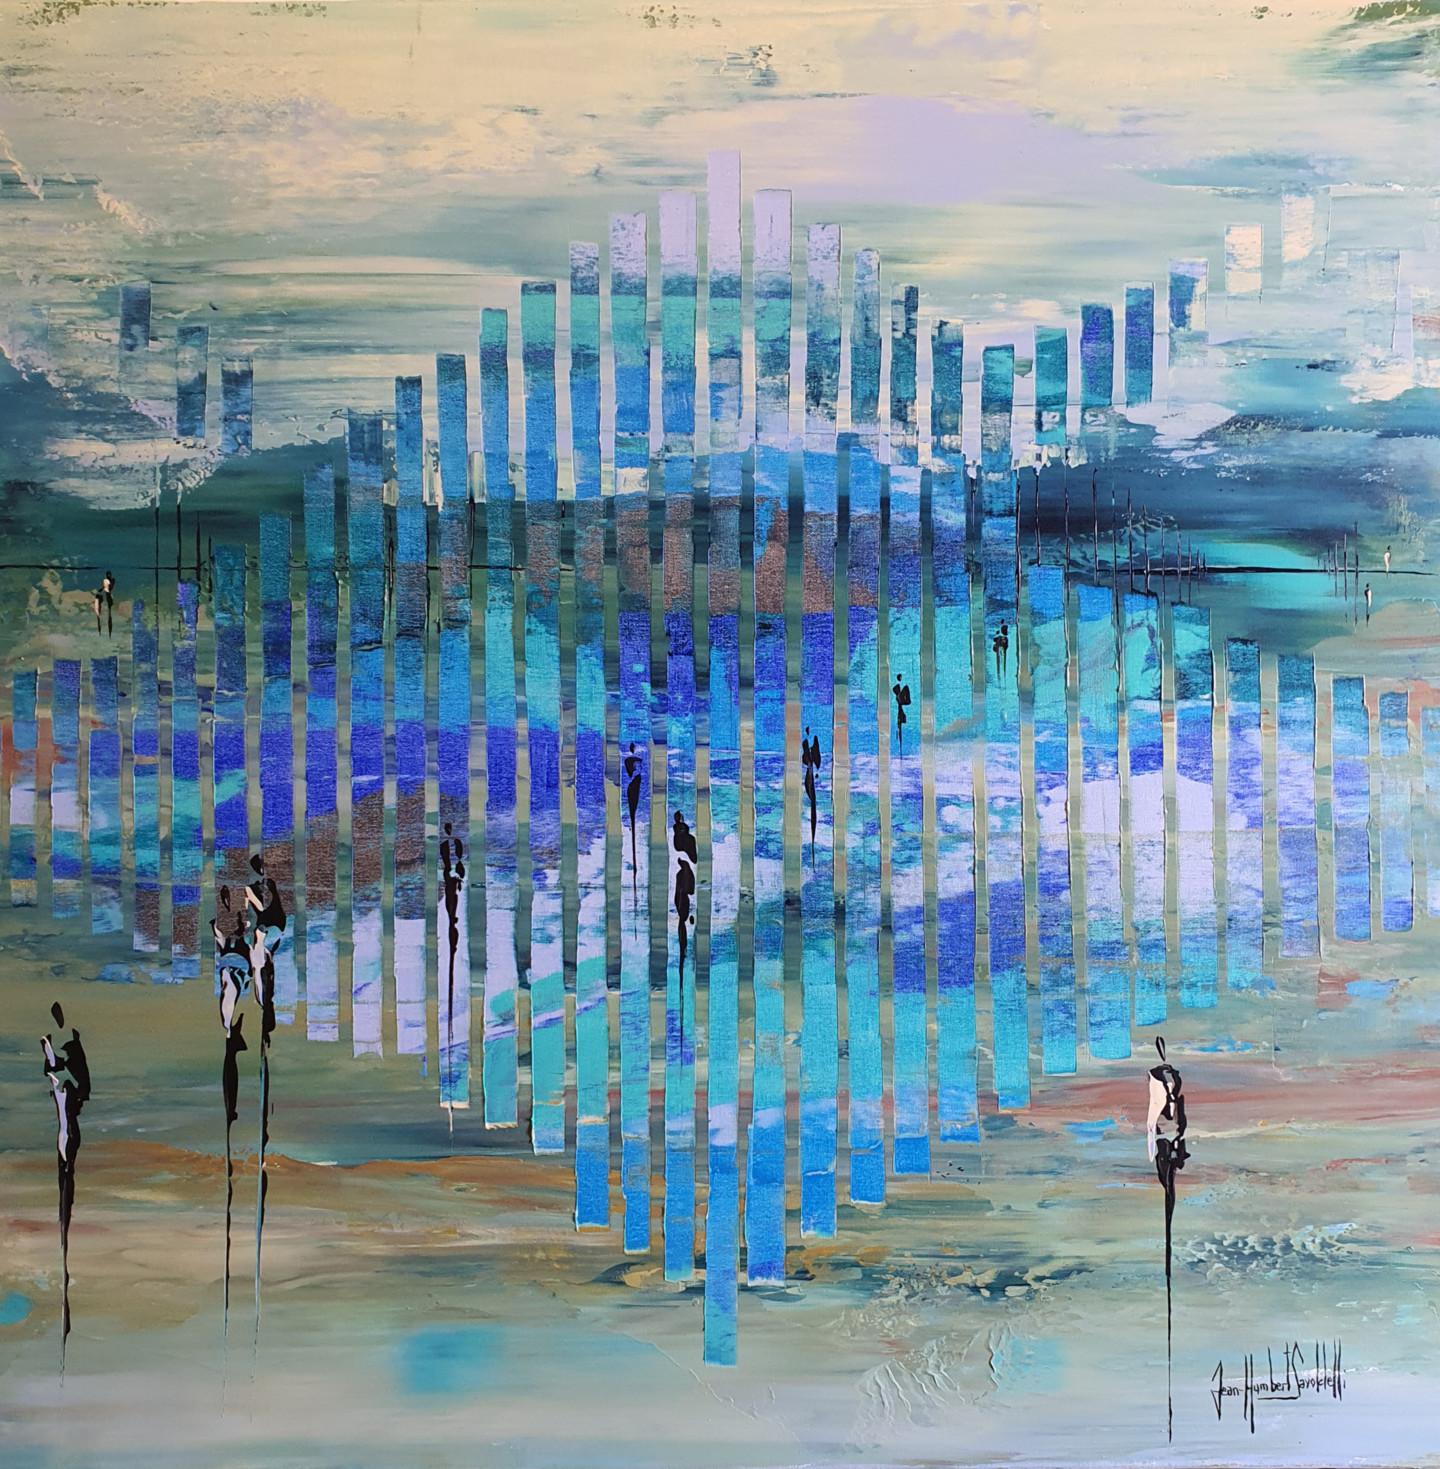 Jean-Humbert Savoldelli - BLUE ILLUSIONS